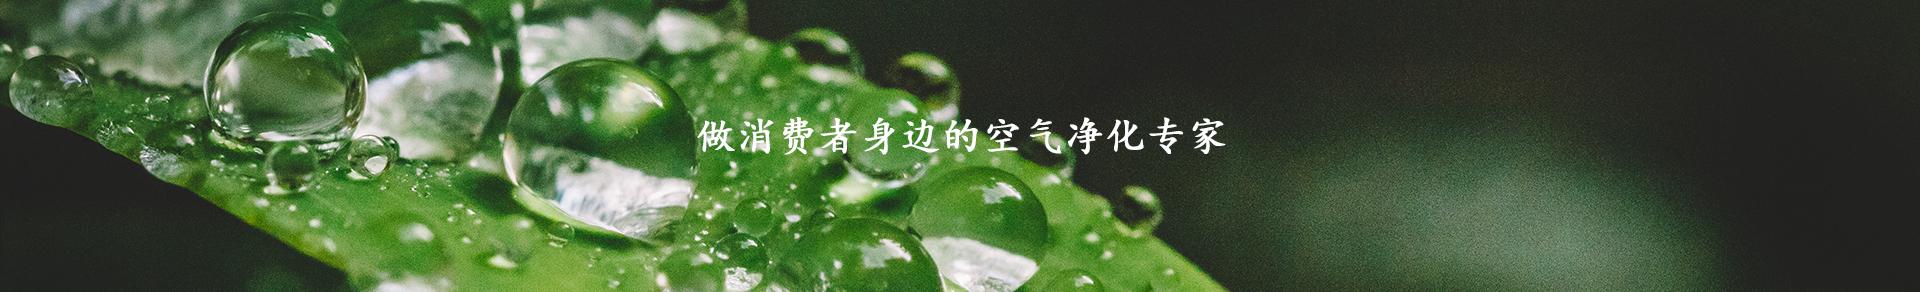 南宁香氛系统